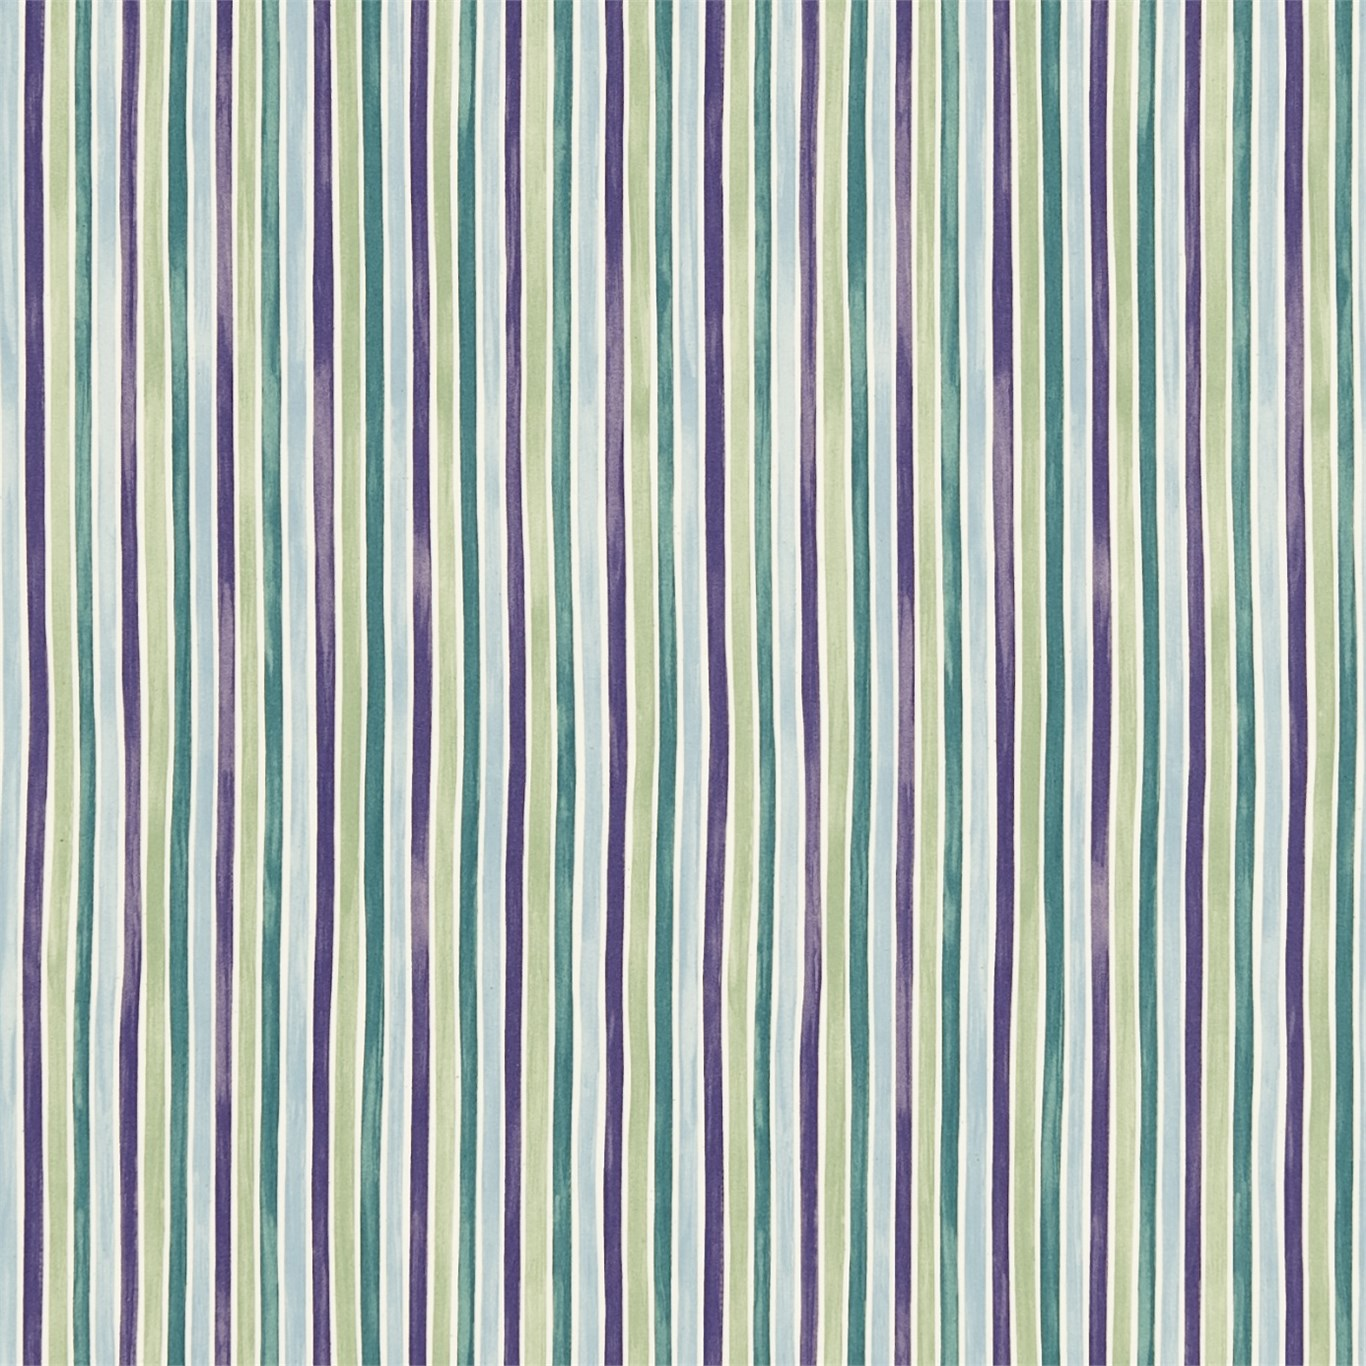 EB Tyg Polka Stripe Lilagrön